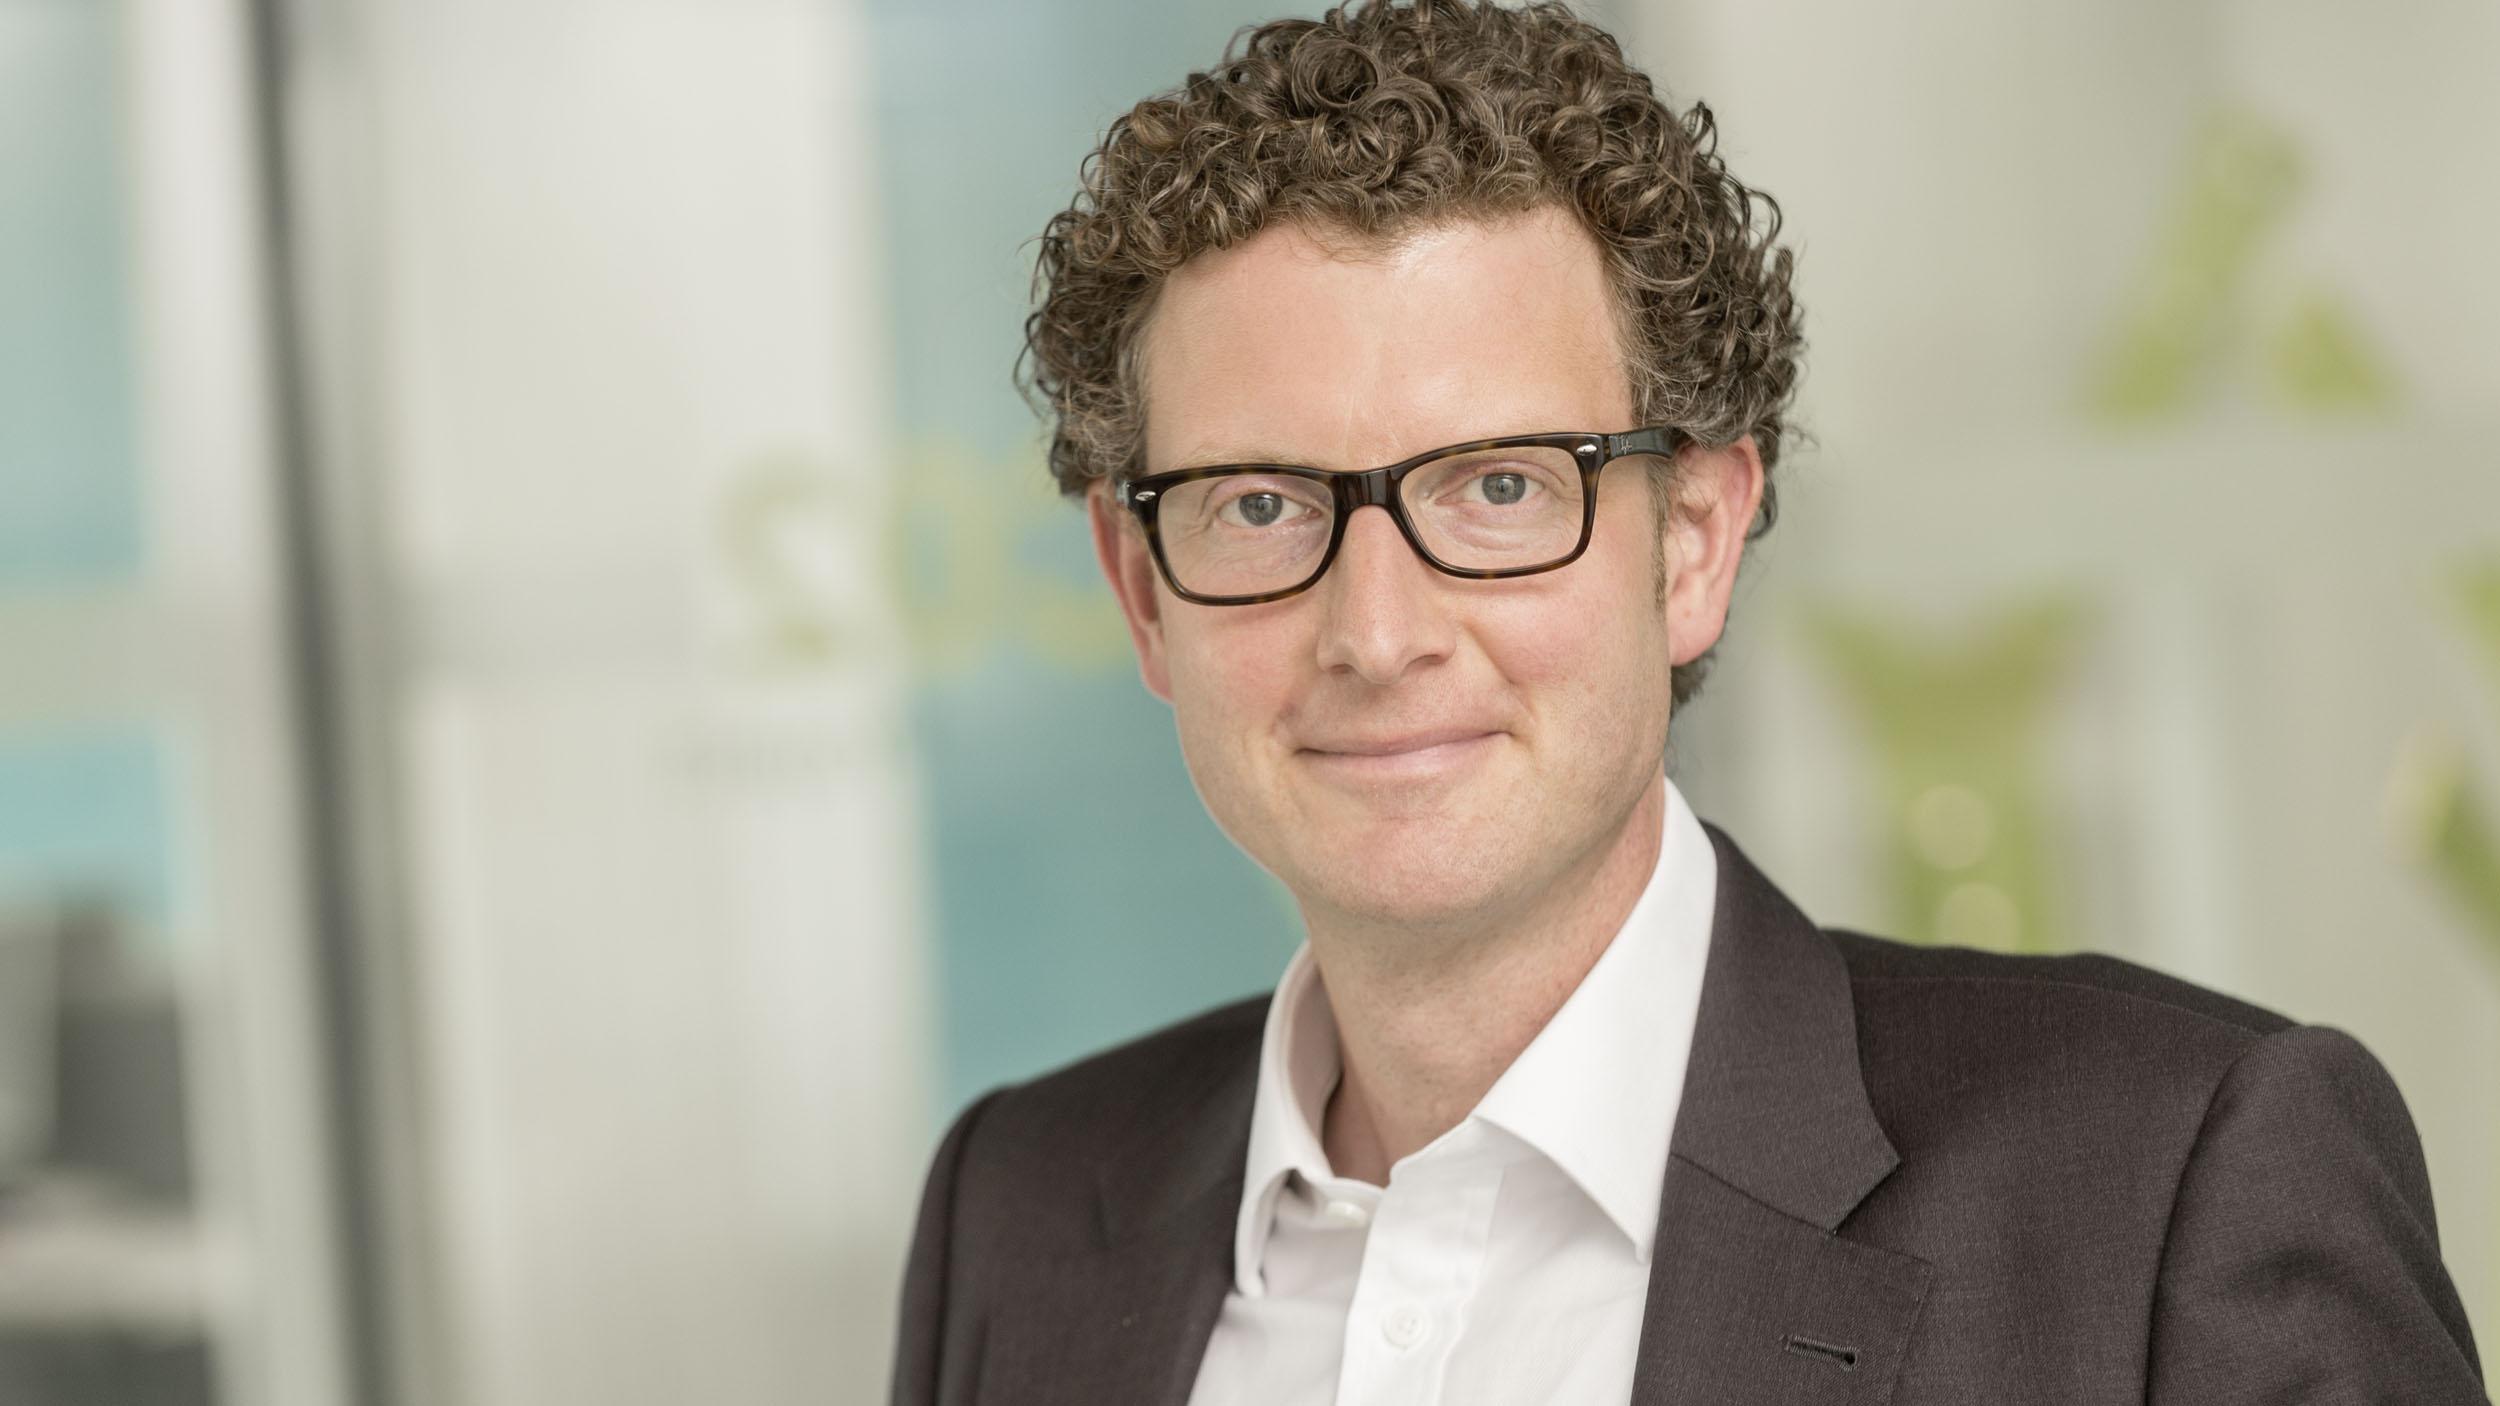 Christian Hoenicke